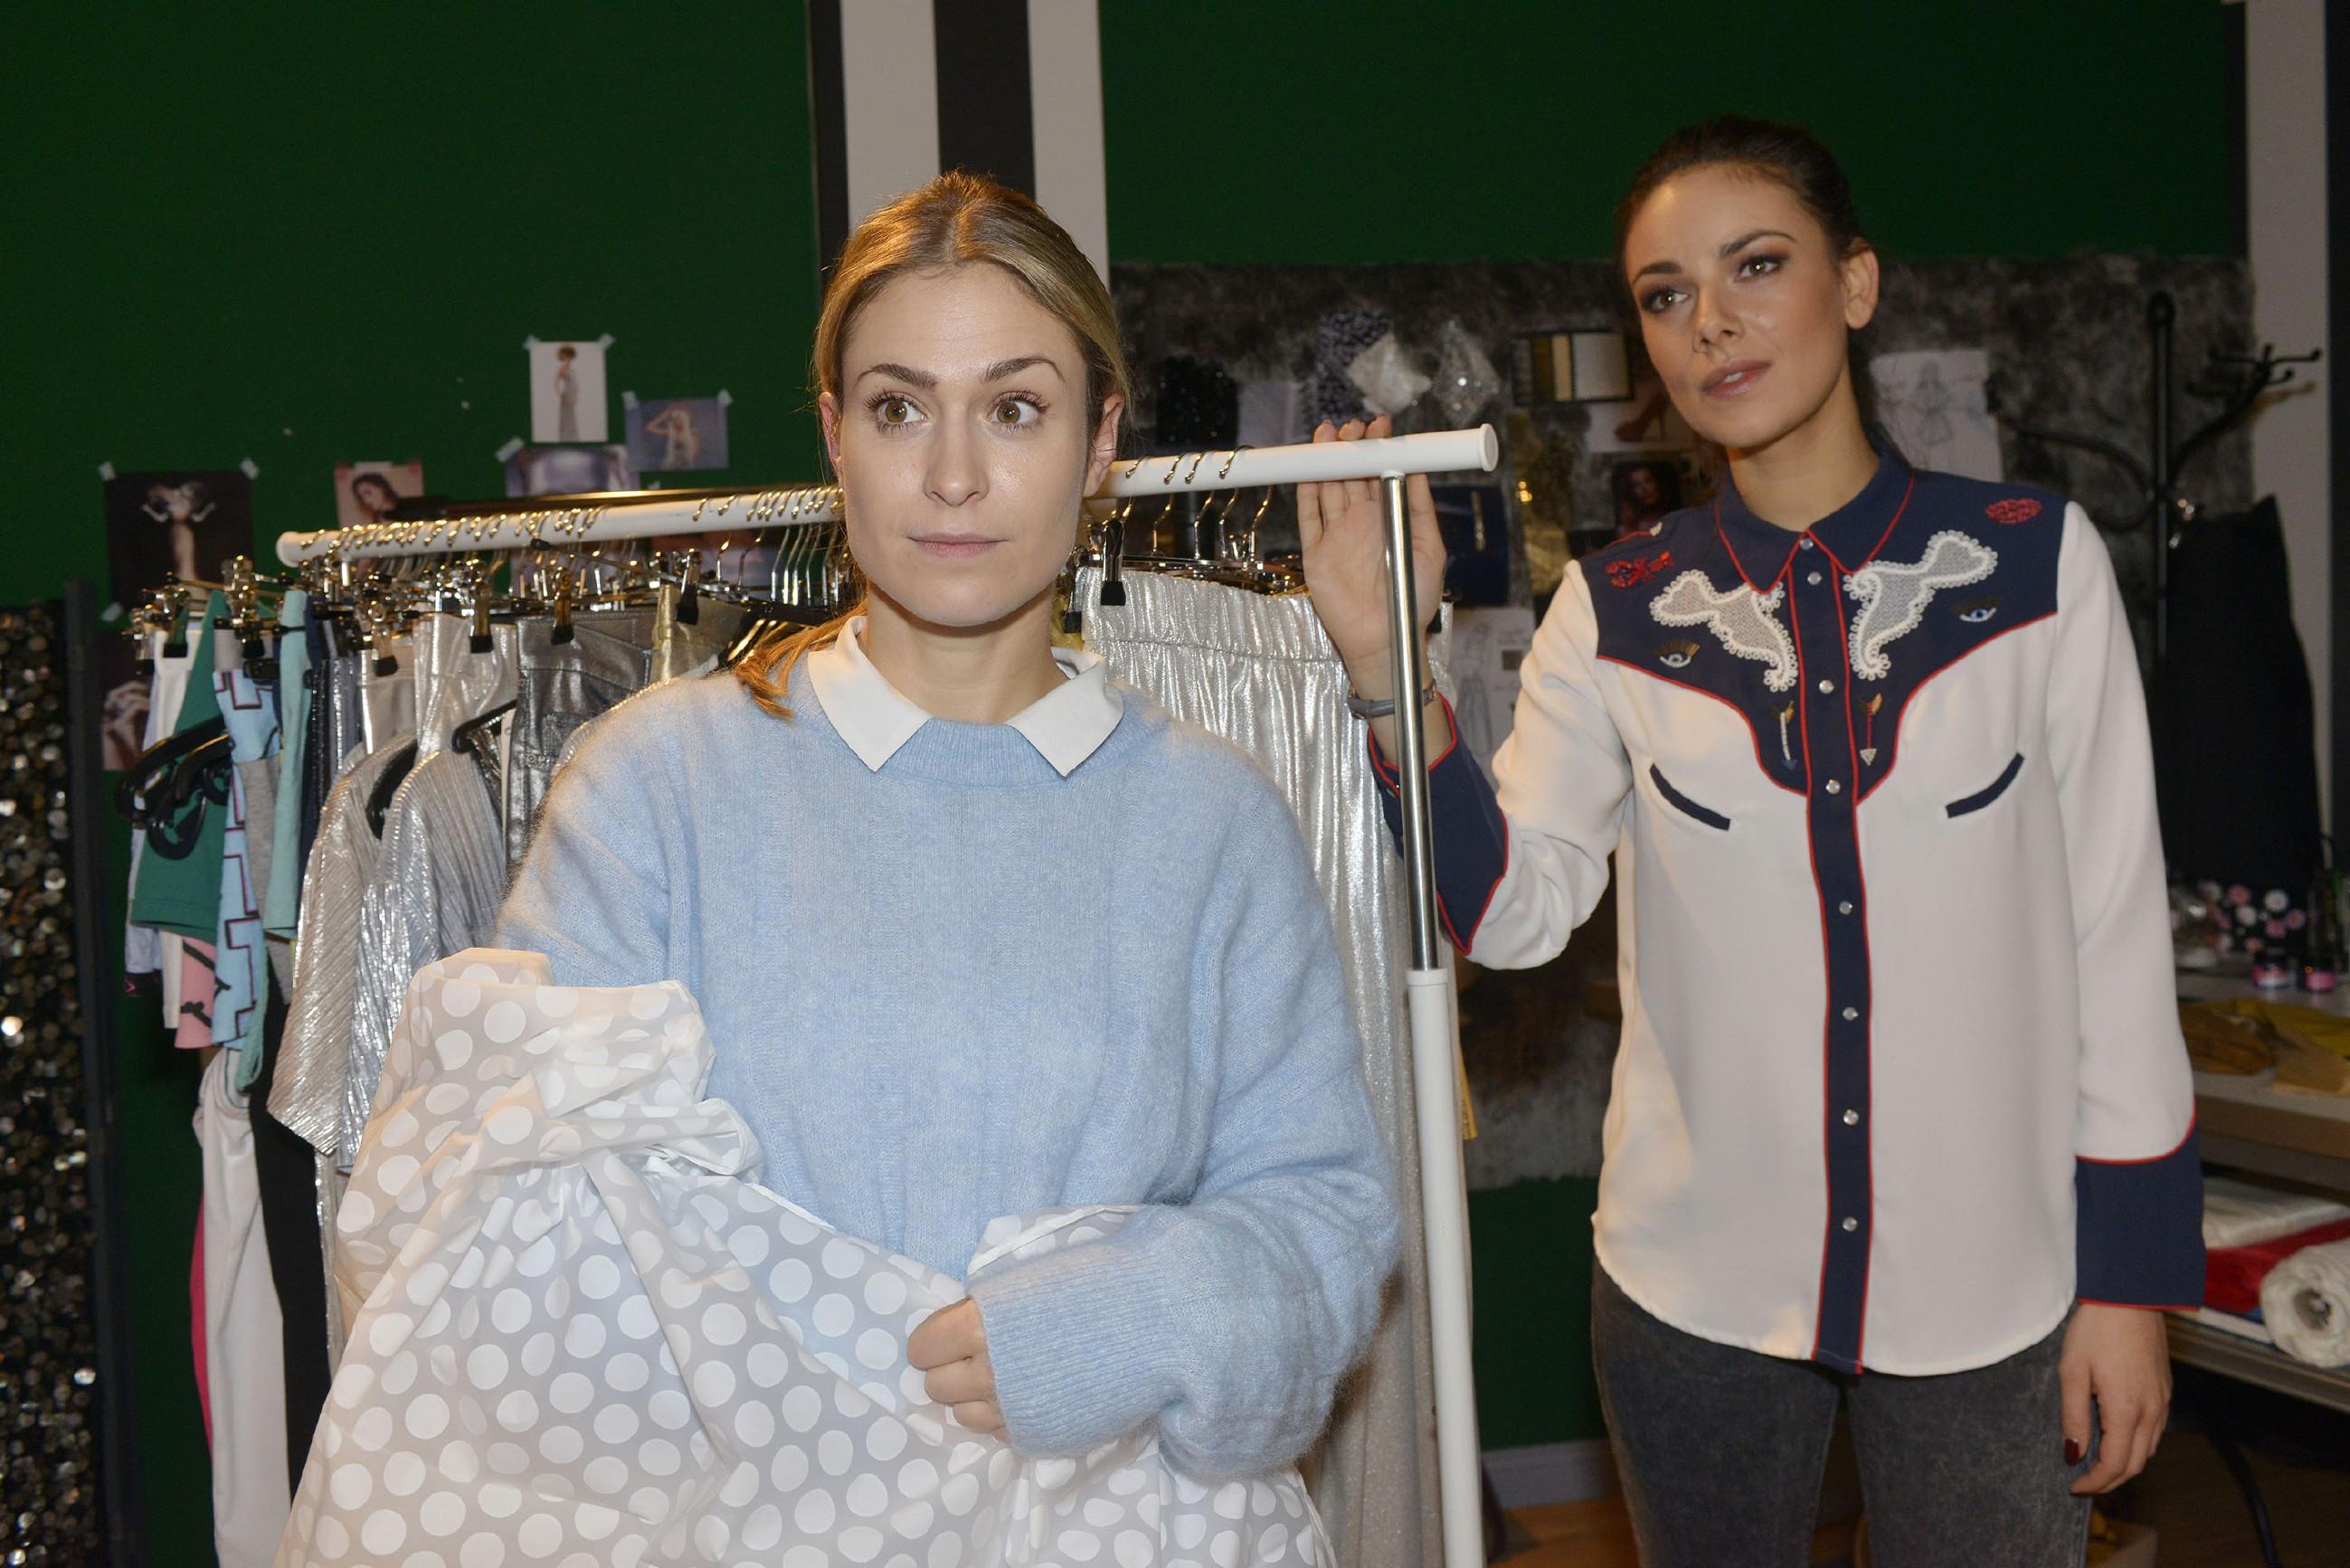 Jasmin (Janina Uhse, r.) freut sich für Sophie (Lea Marlen Woitack), als diese im Laden unverhofft Besuch von Leon bekommt. (Quelle: RTL / Rolf Baumgartner)